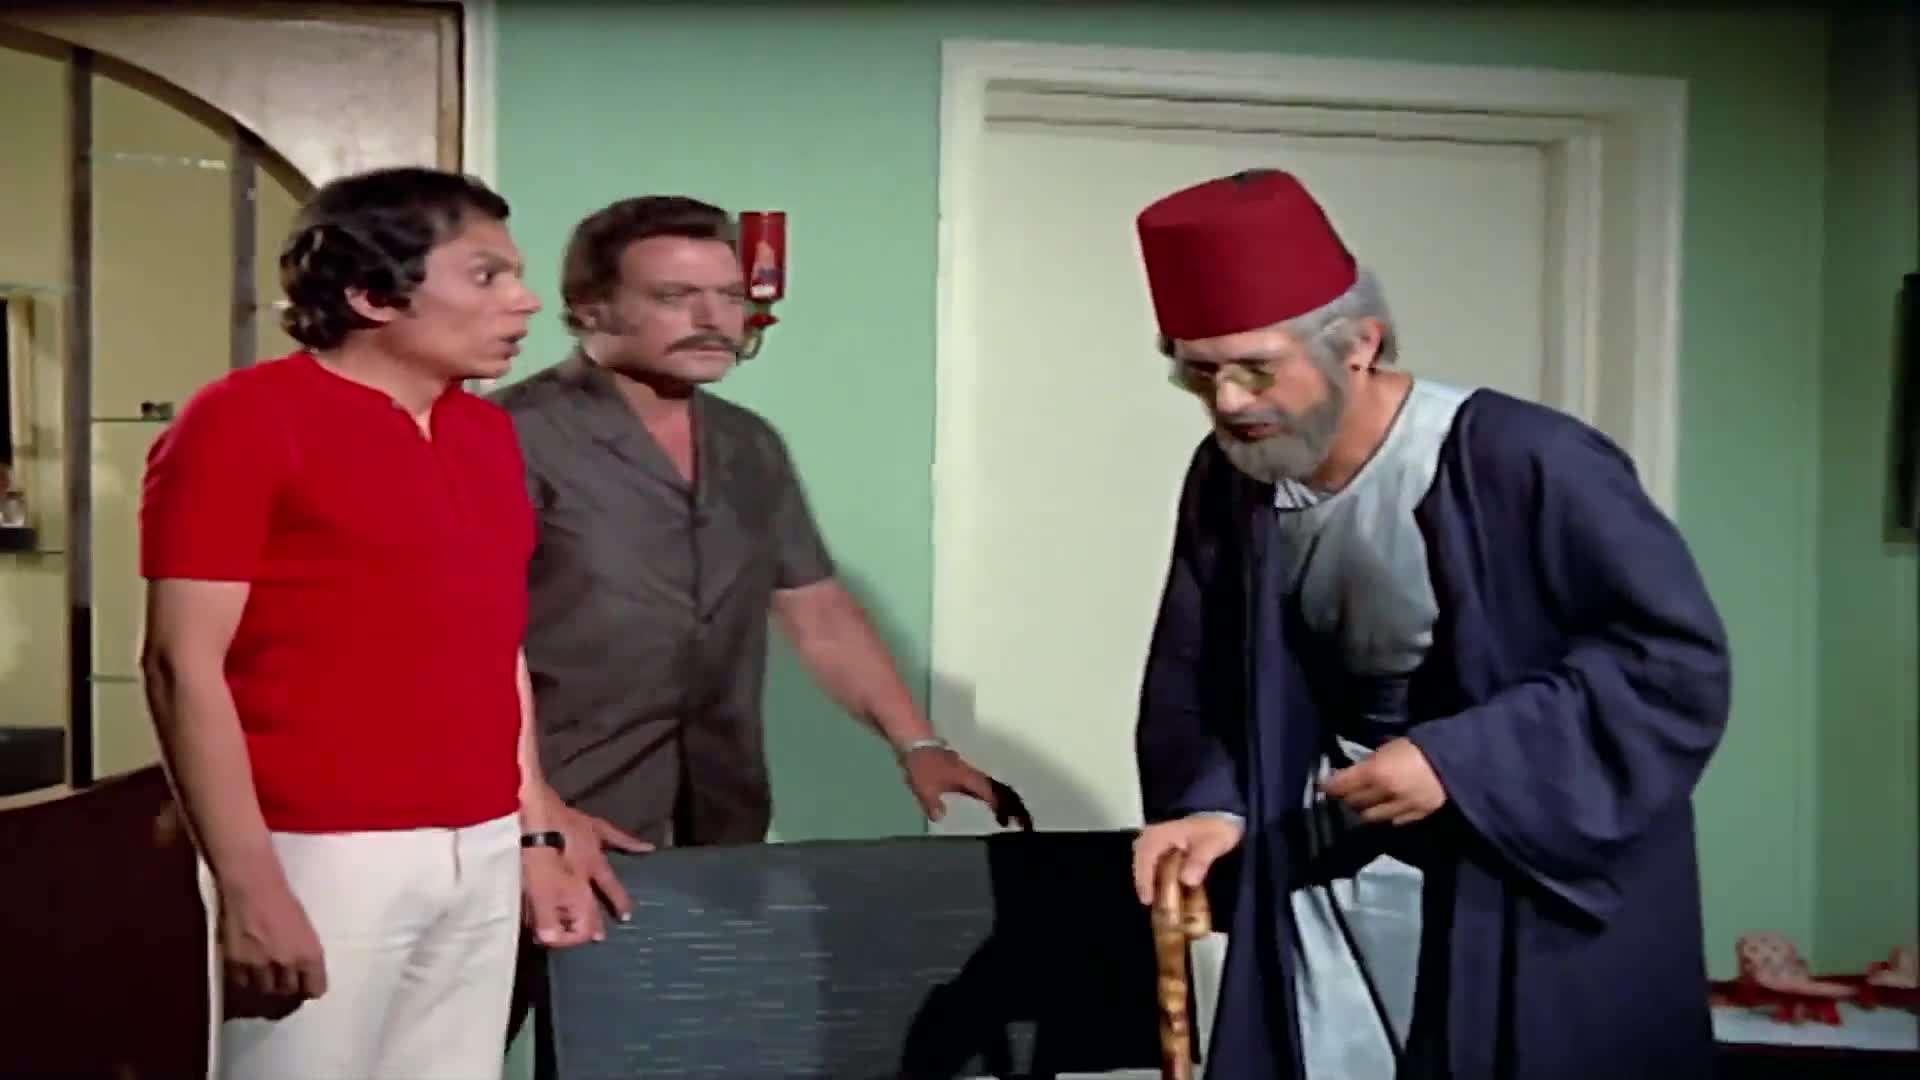 [فيلم][تورنت][تحميل][الكل عاوز يحب][1975][1080p][Web-DL] 8 arabp2p.com